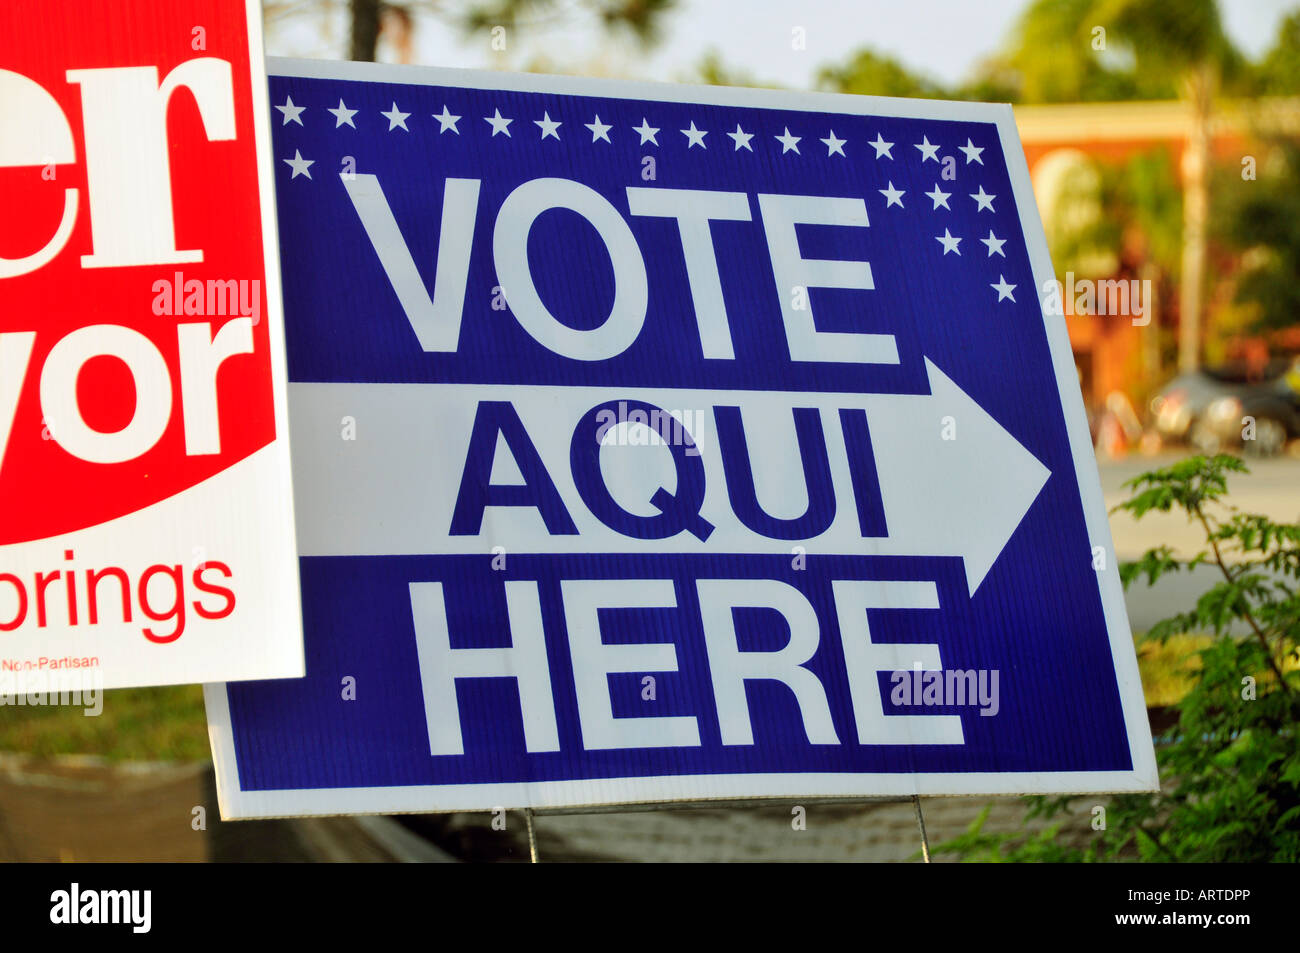 Espagnol bilingue anglais cité de vote dans un bureau de vote